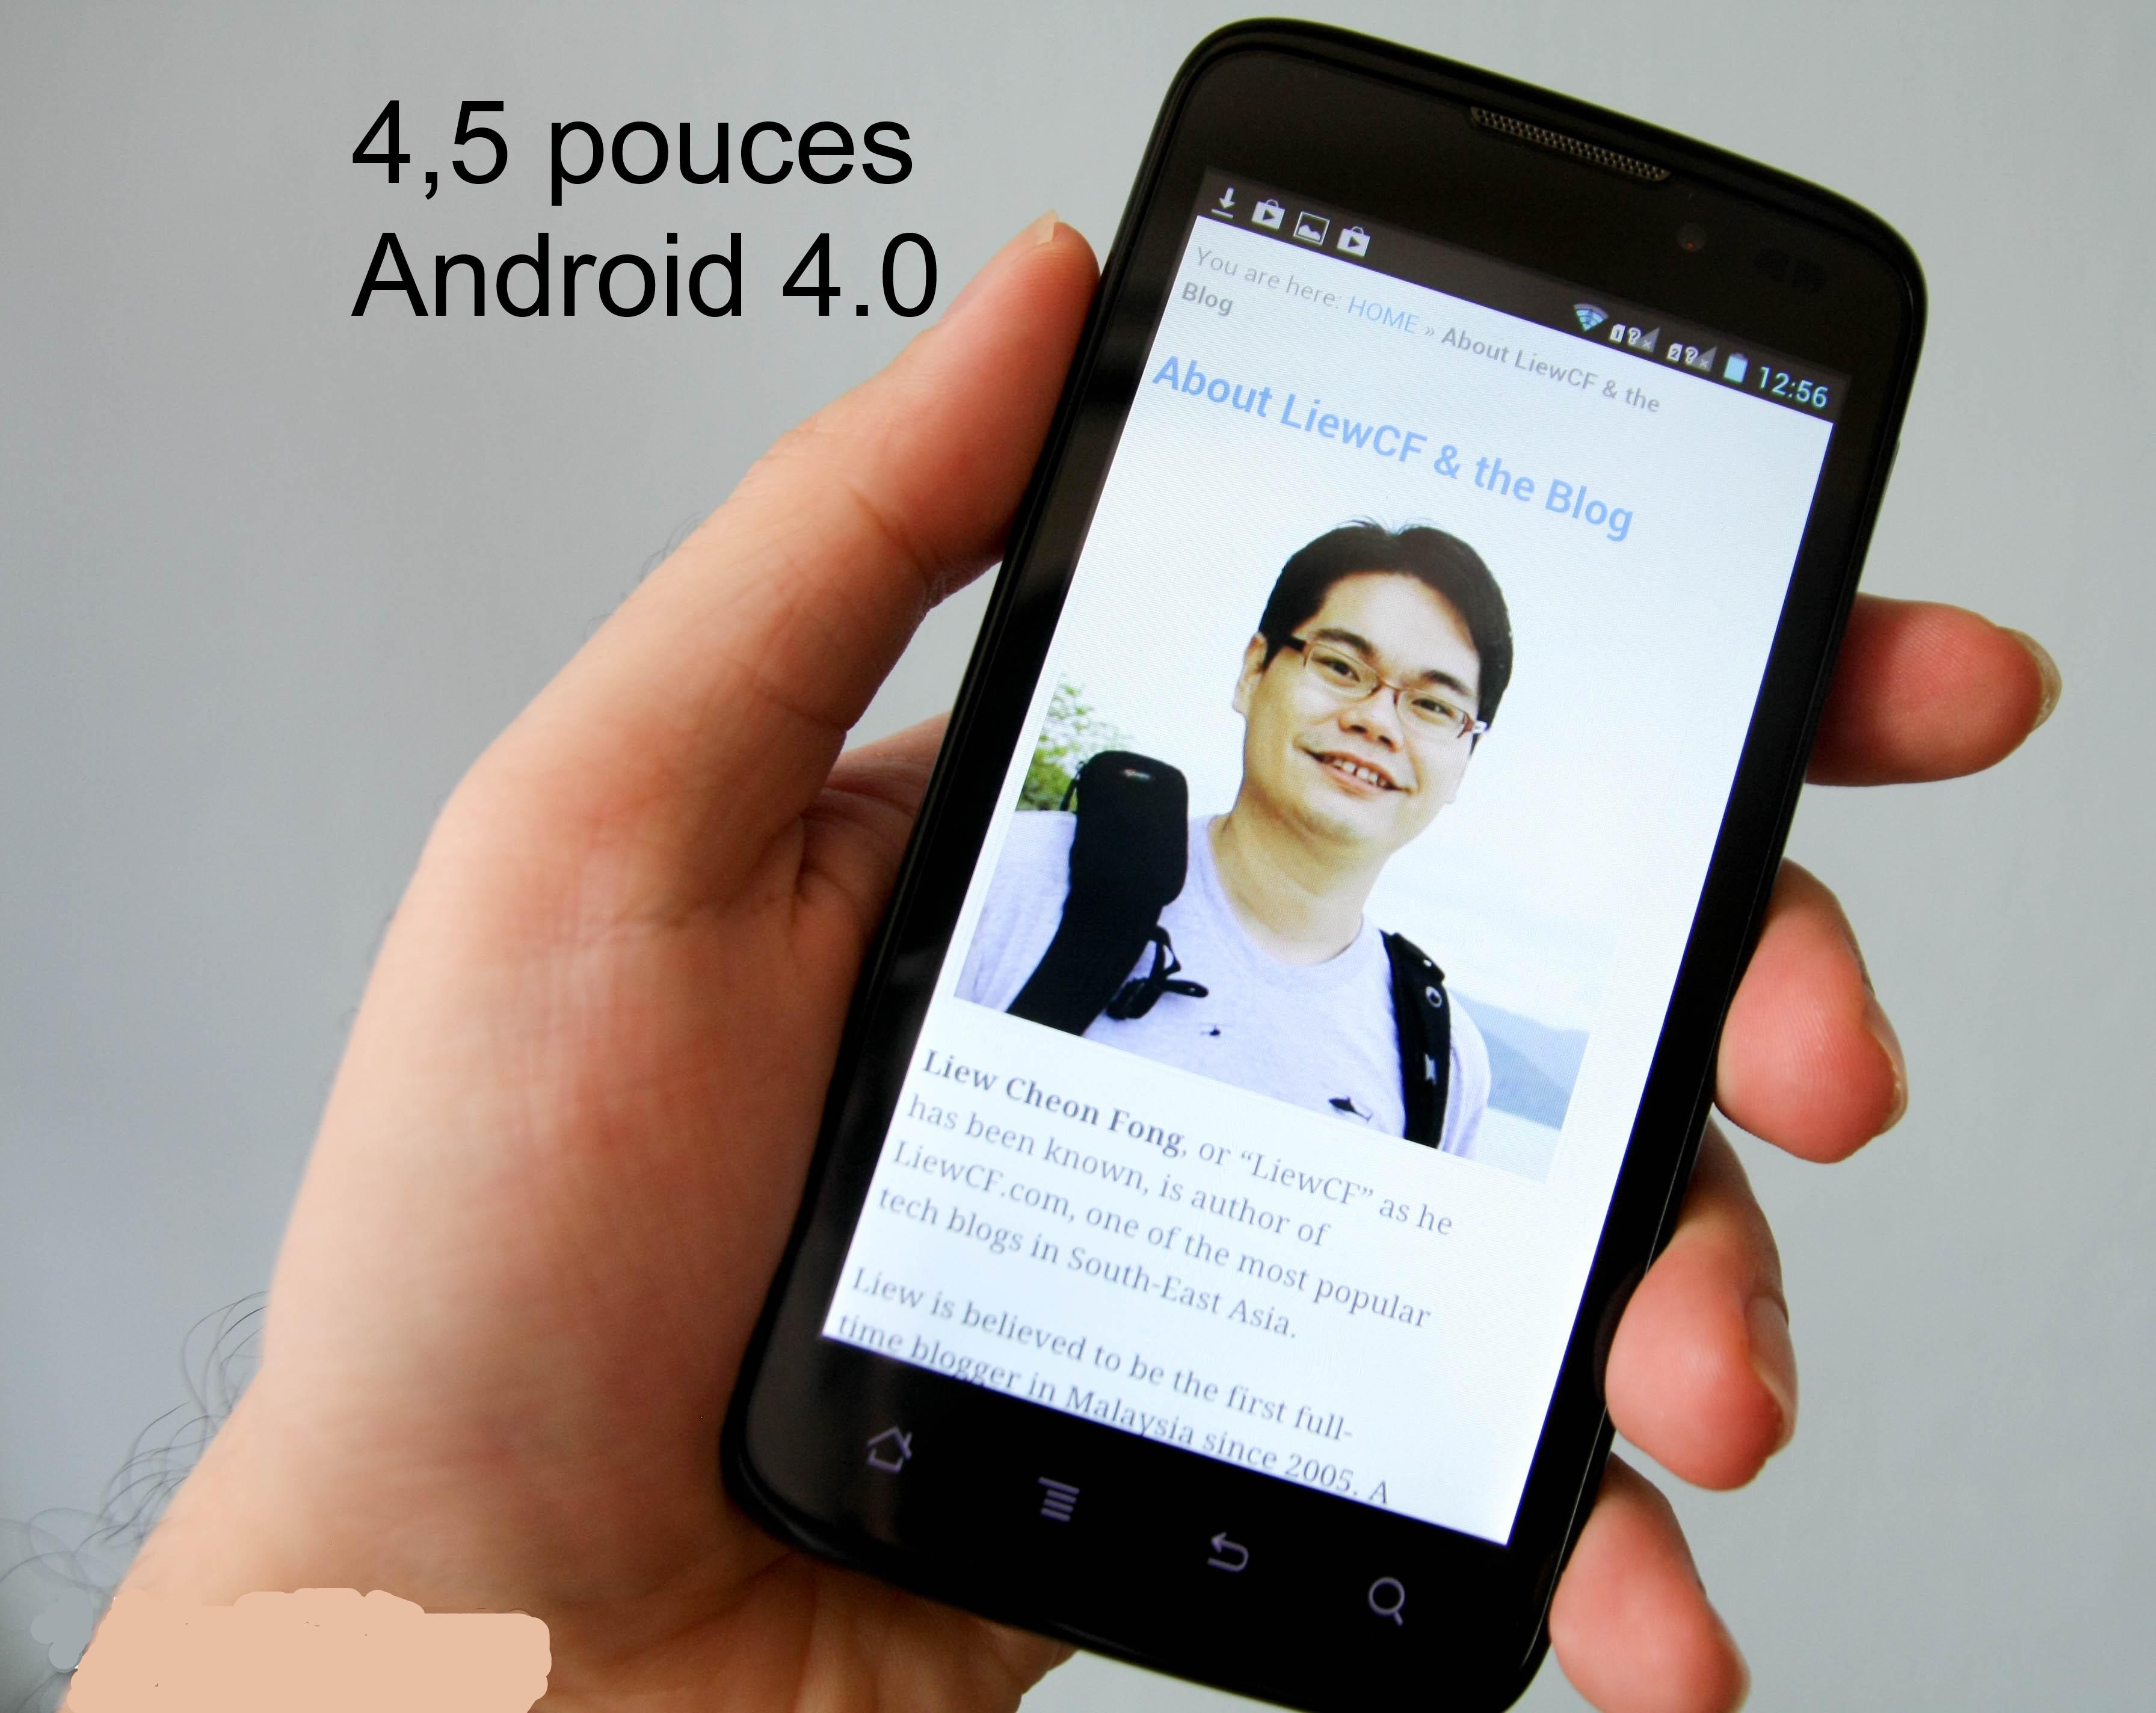 smartphones 4 5 pouces